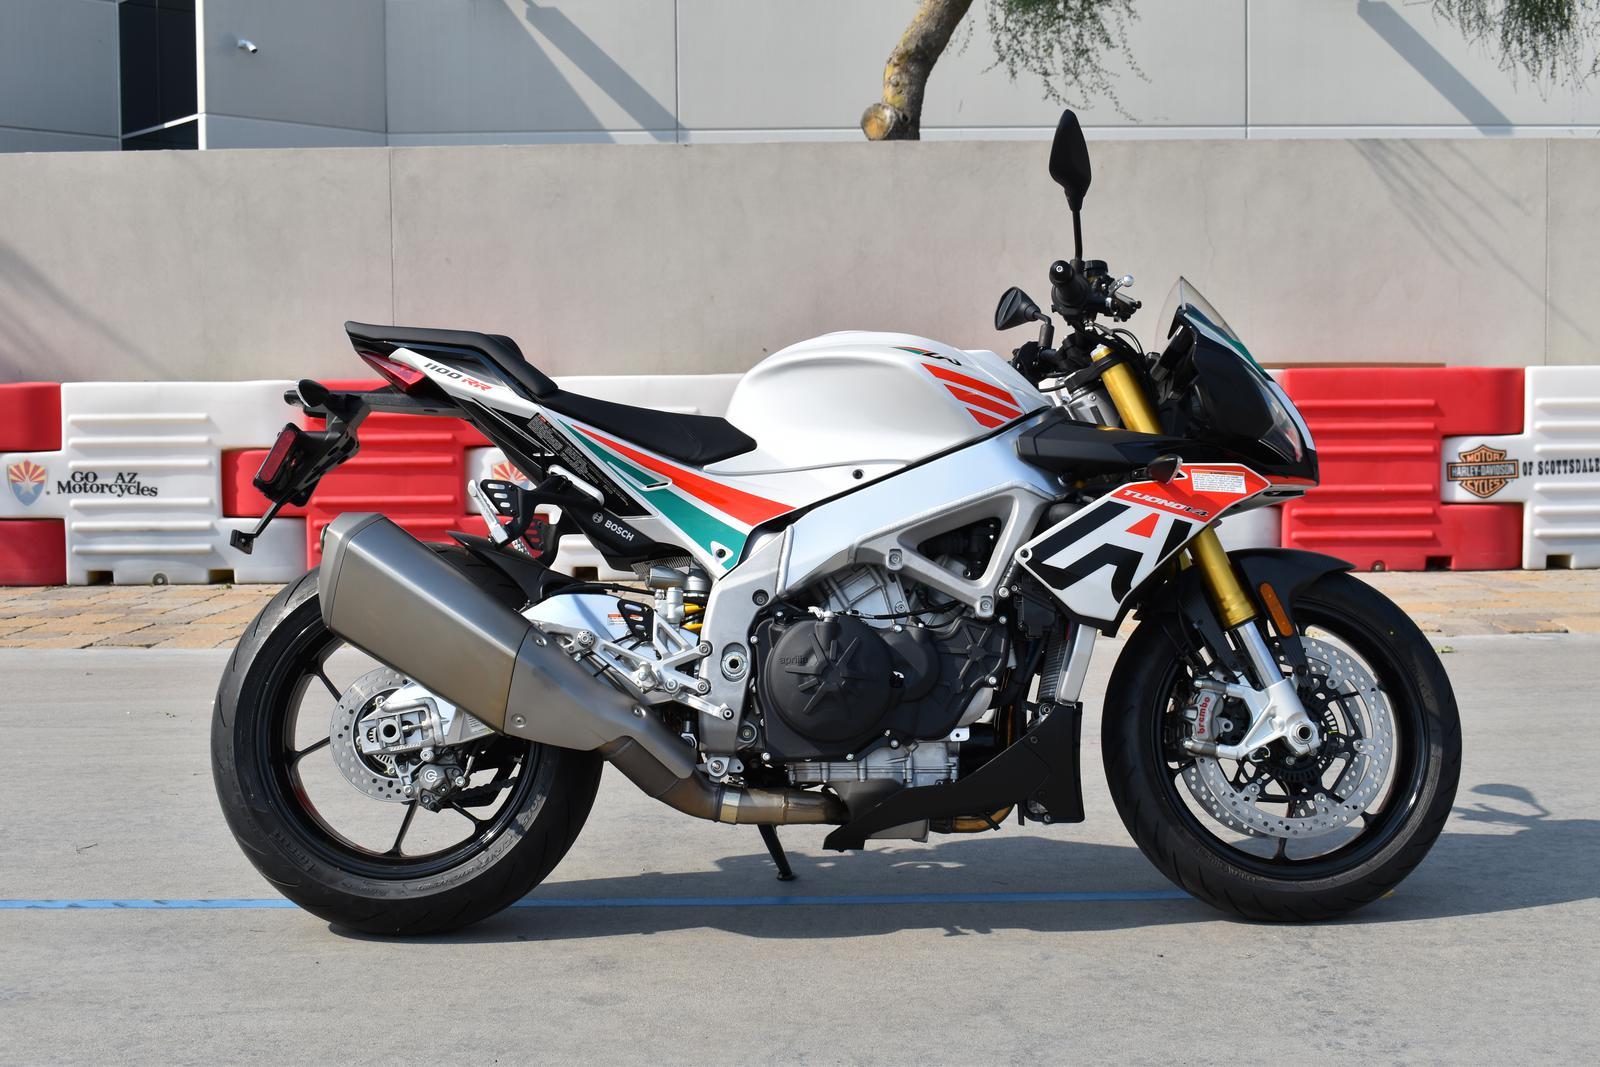 2020 Aprilia Tuono V4 1100 Rr Misano For Sale In Scottsdale Az Go Az Motorcycles In Scottsdale Scottsdale Az 480 609 1800